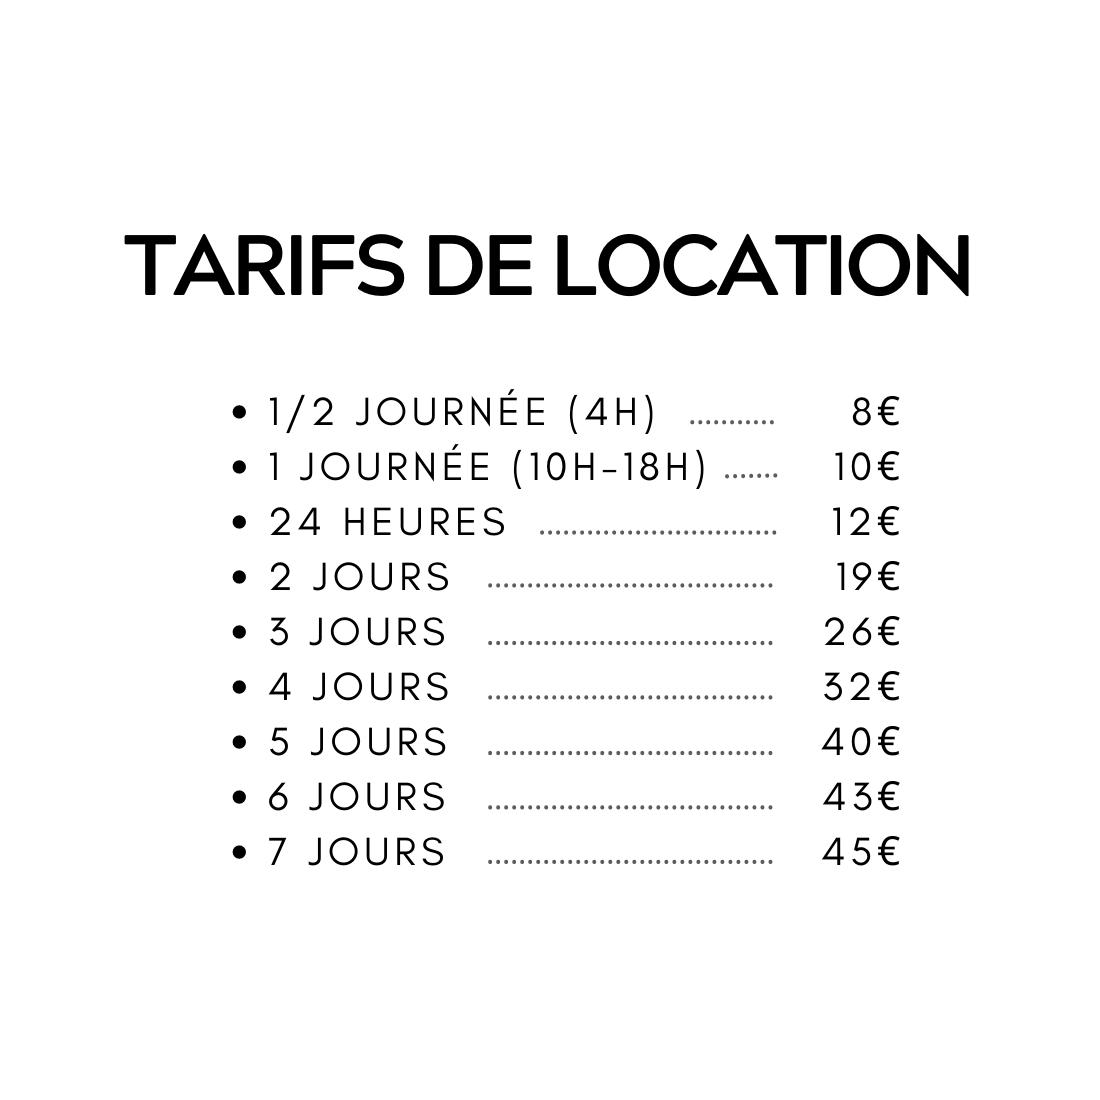 tarif de location remorque